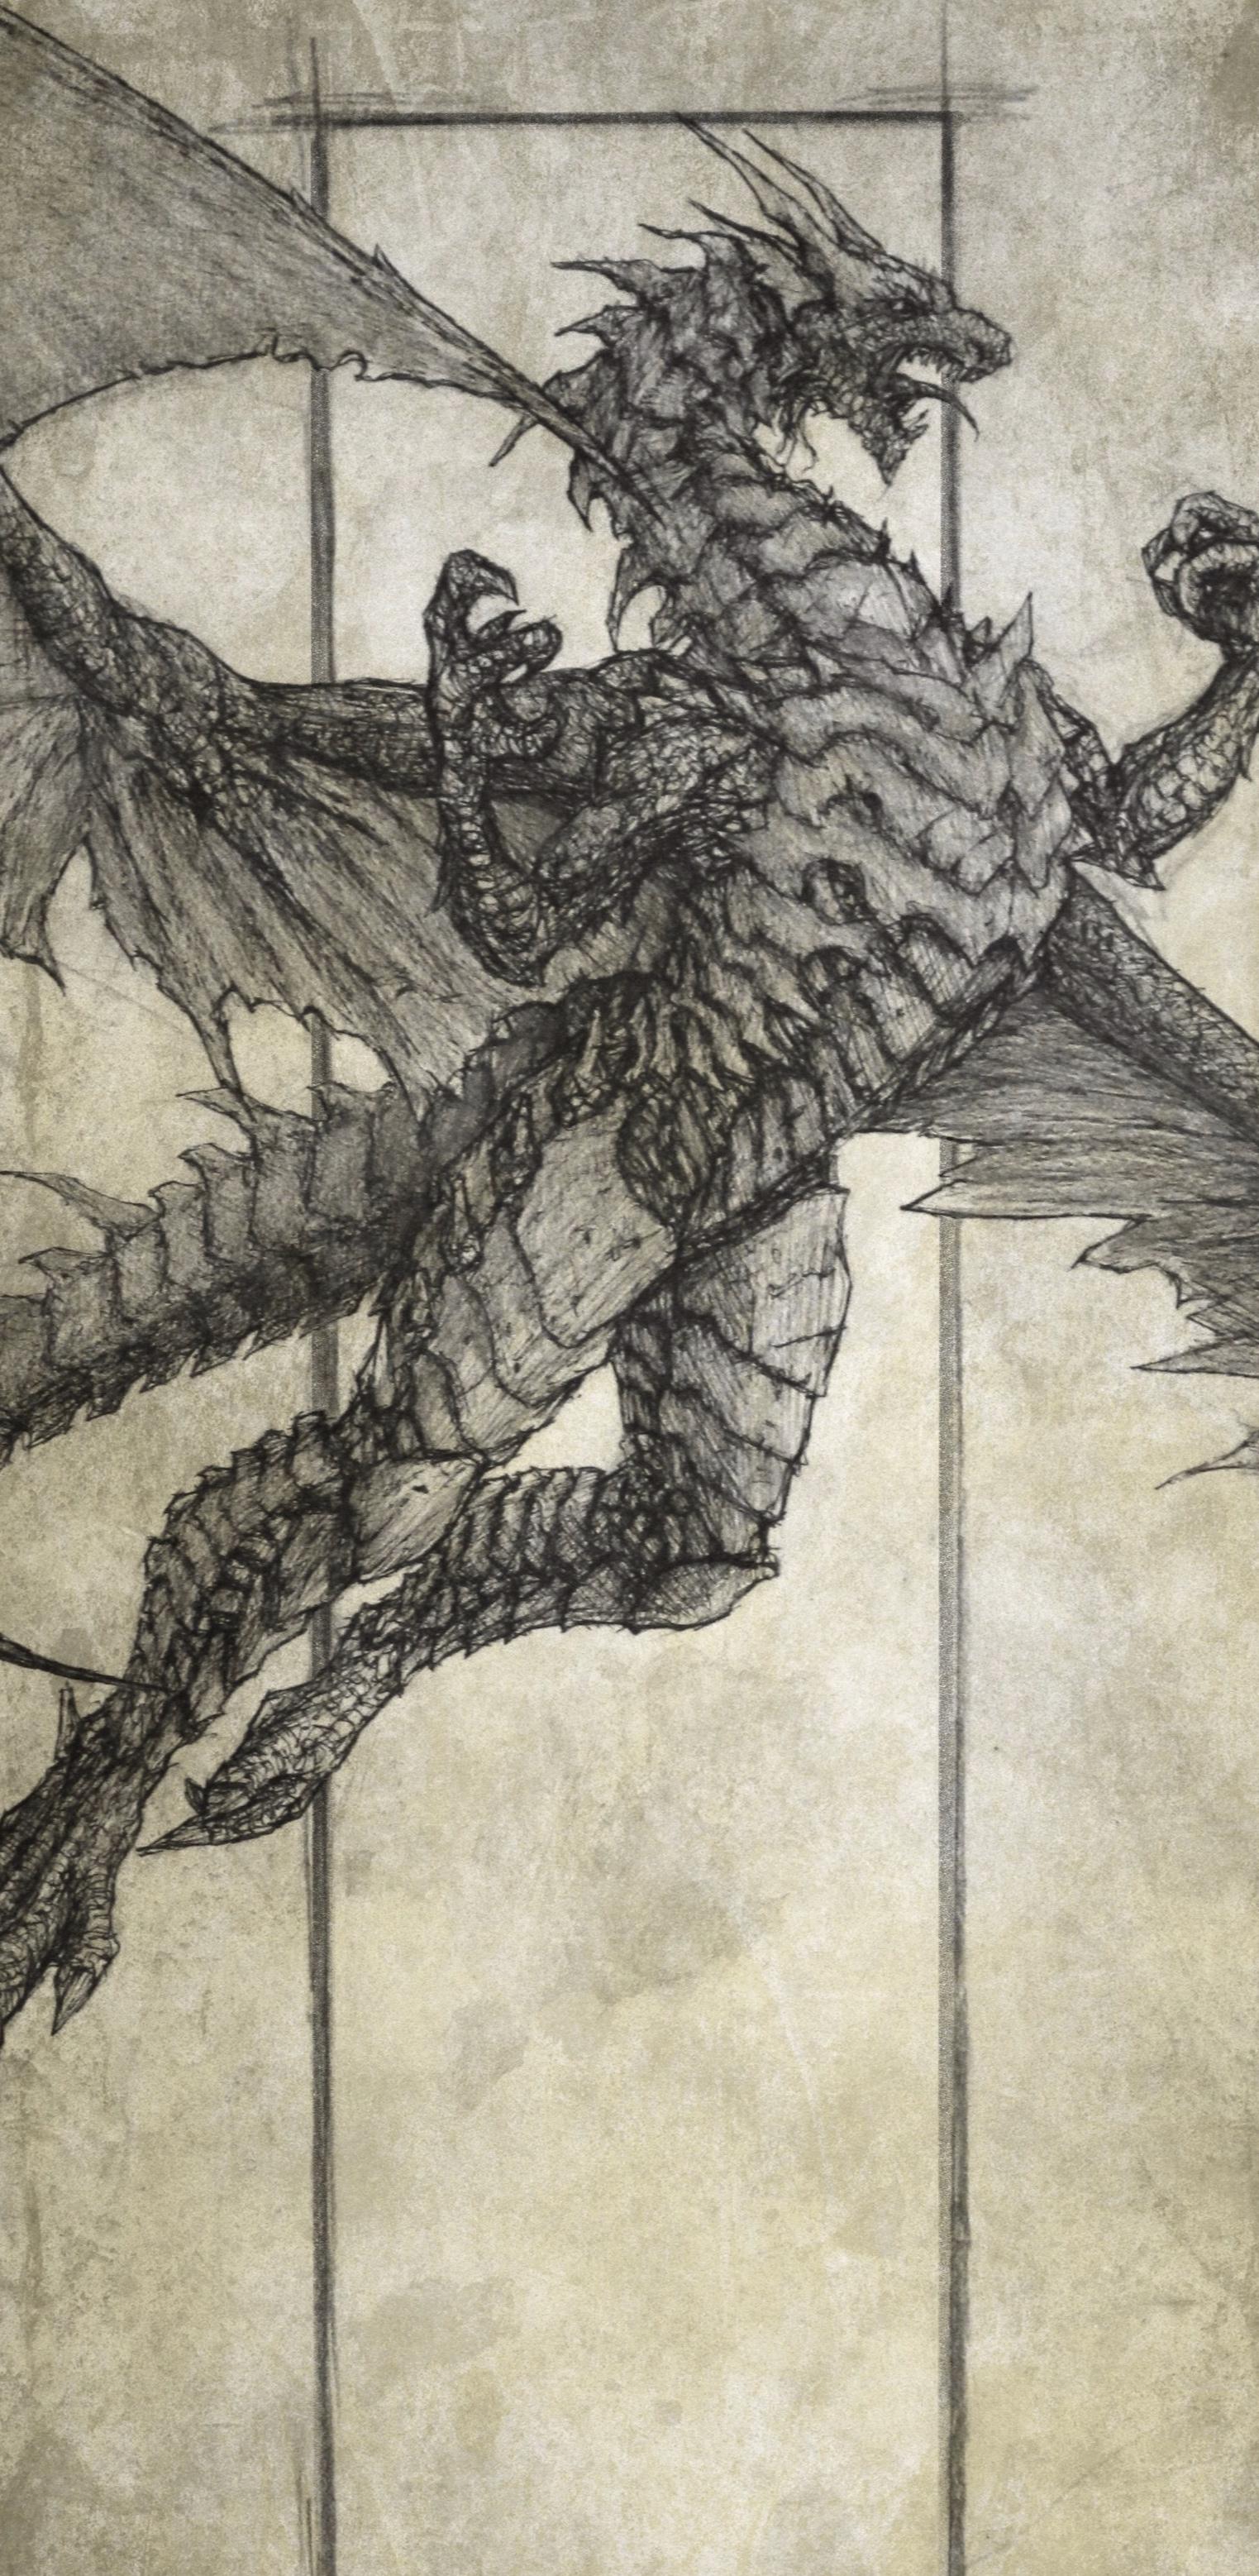 dragon+.jpg